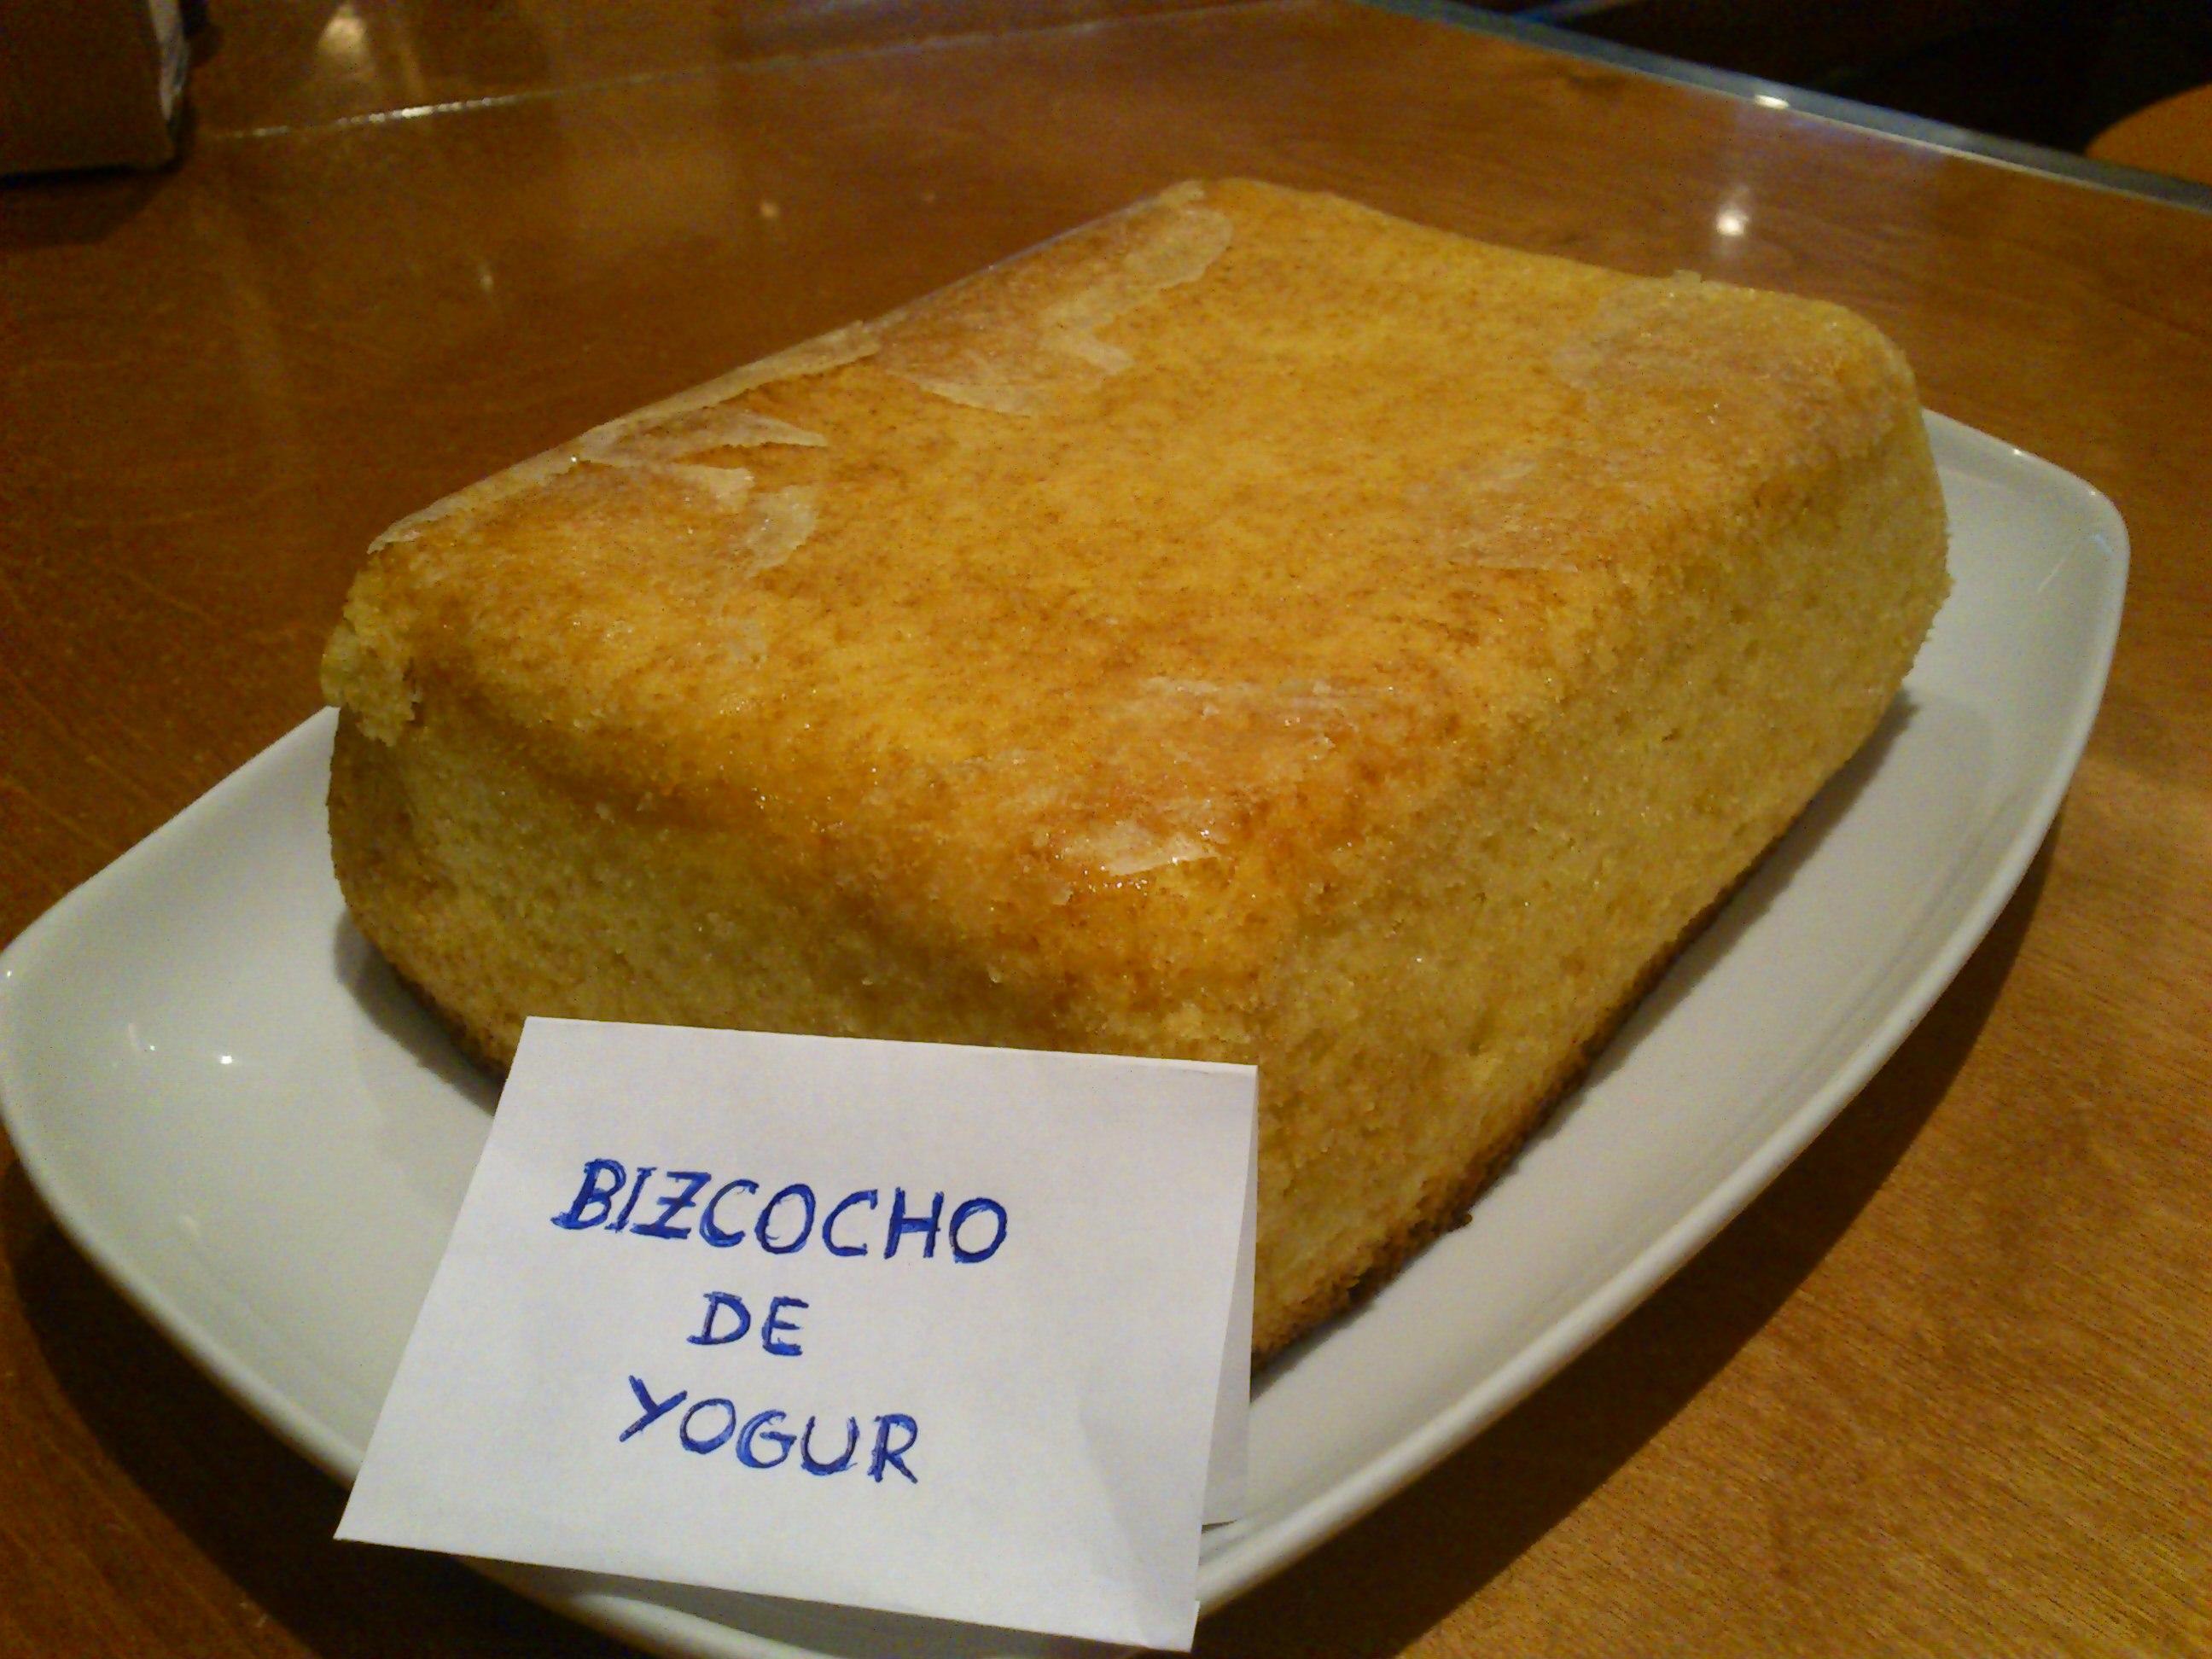 foto de bizcocho: